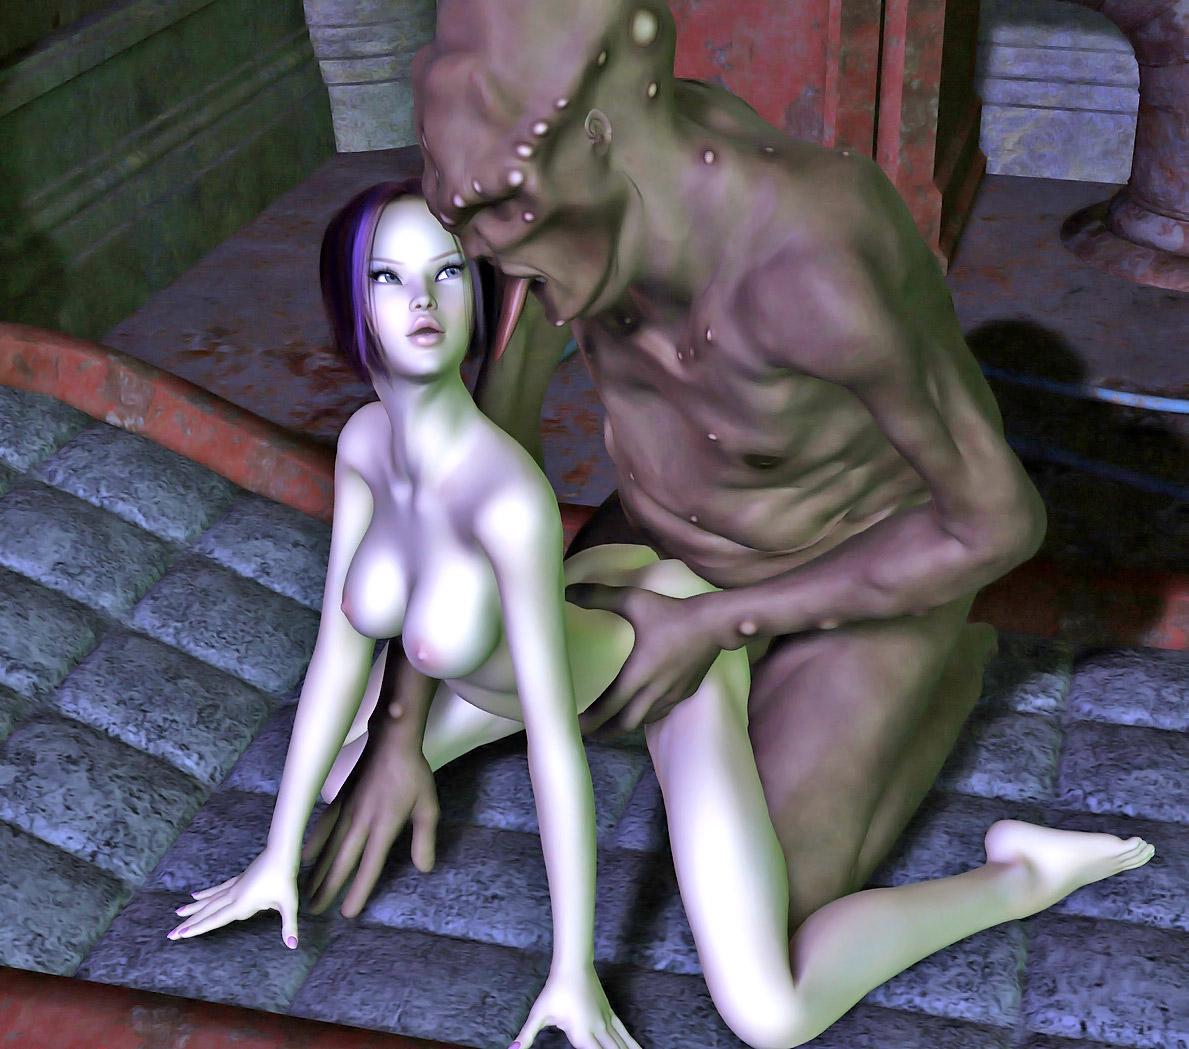 Minotaur fuck tomb raider porn picture sex clip